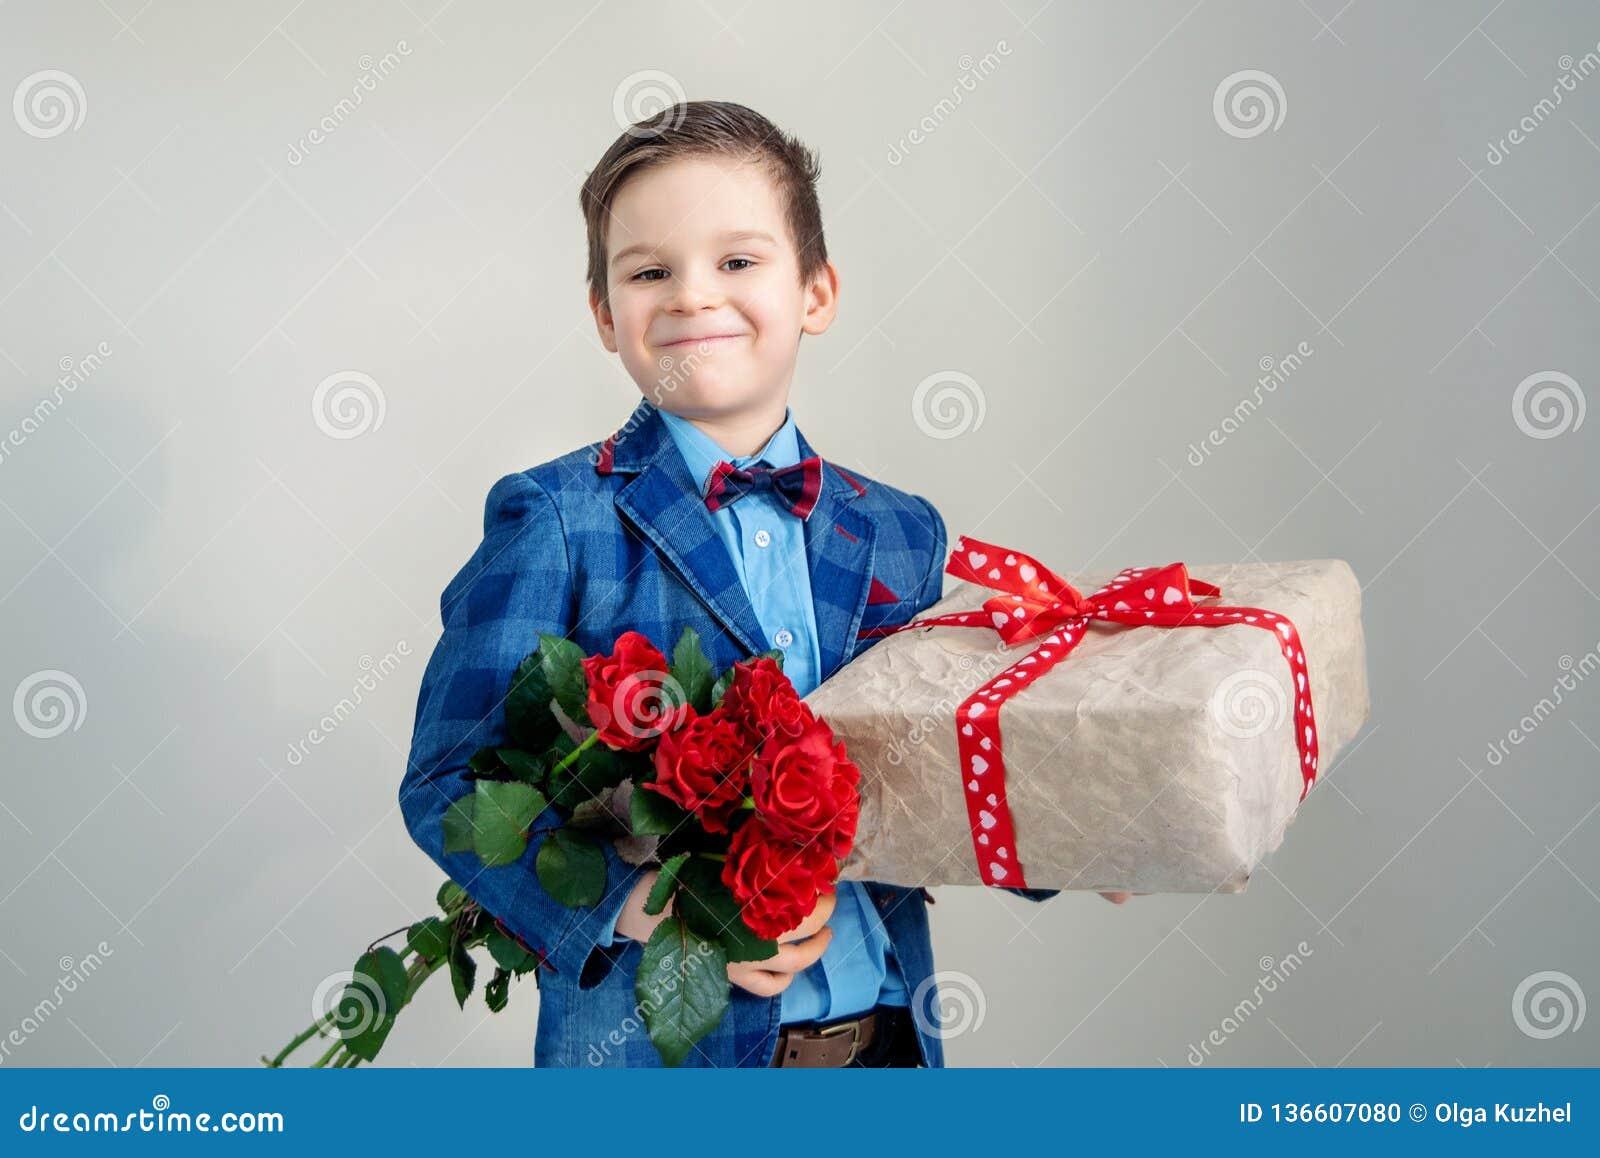 Le pojken med buketten av blommor och en gåva på en ljus bakgrund